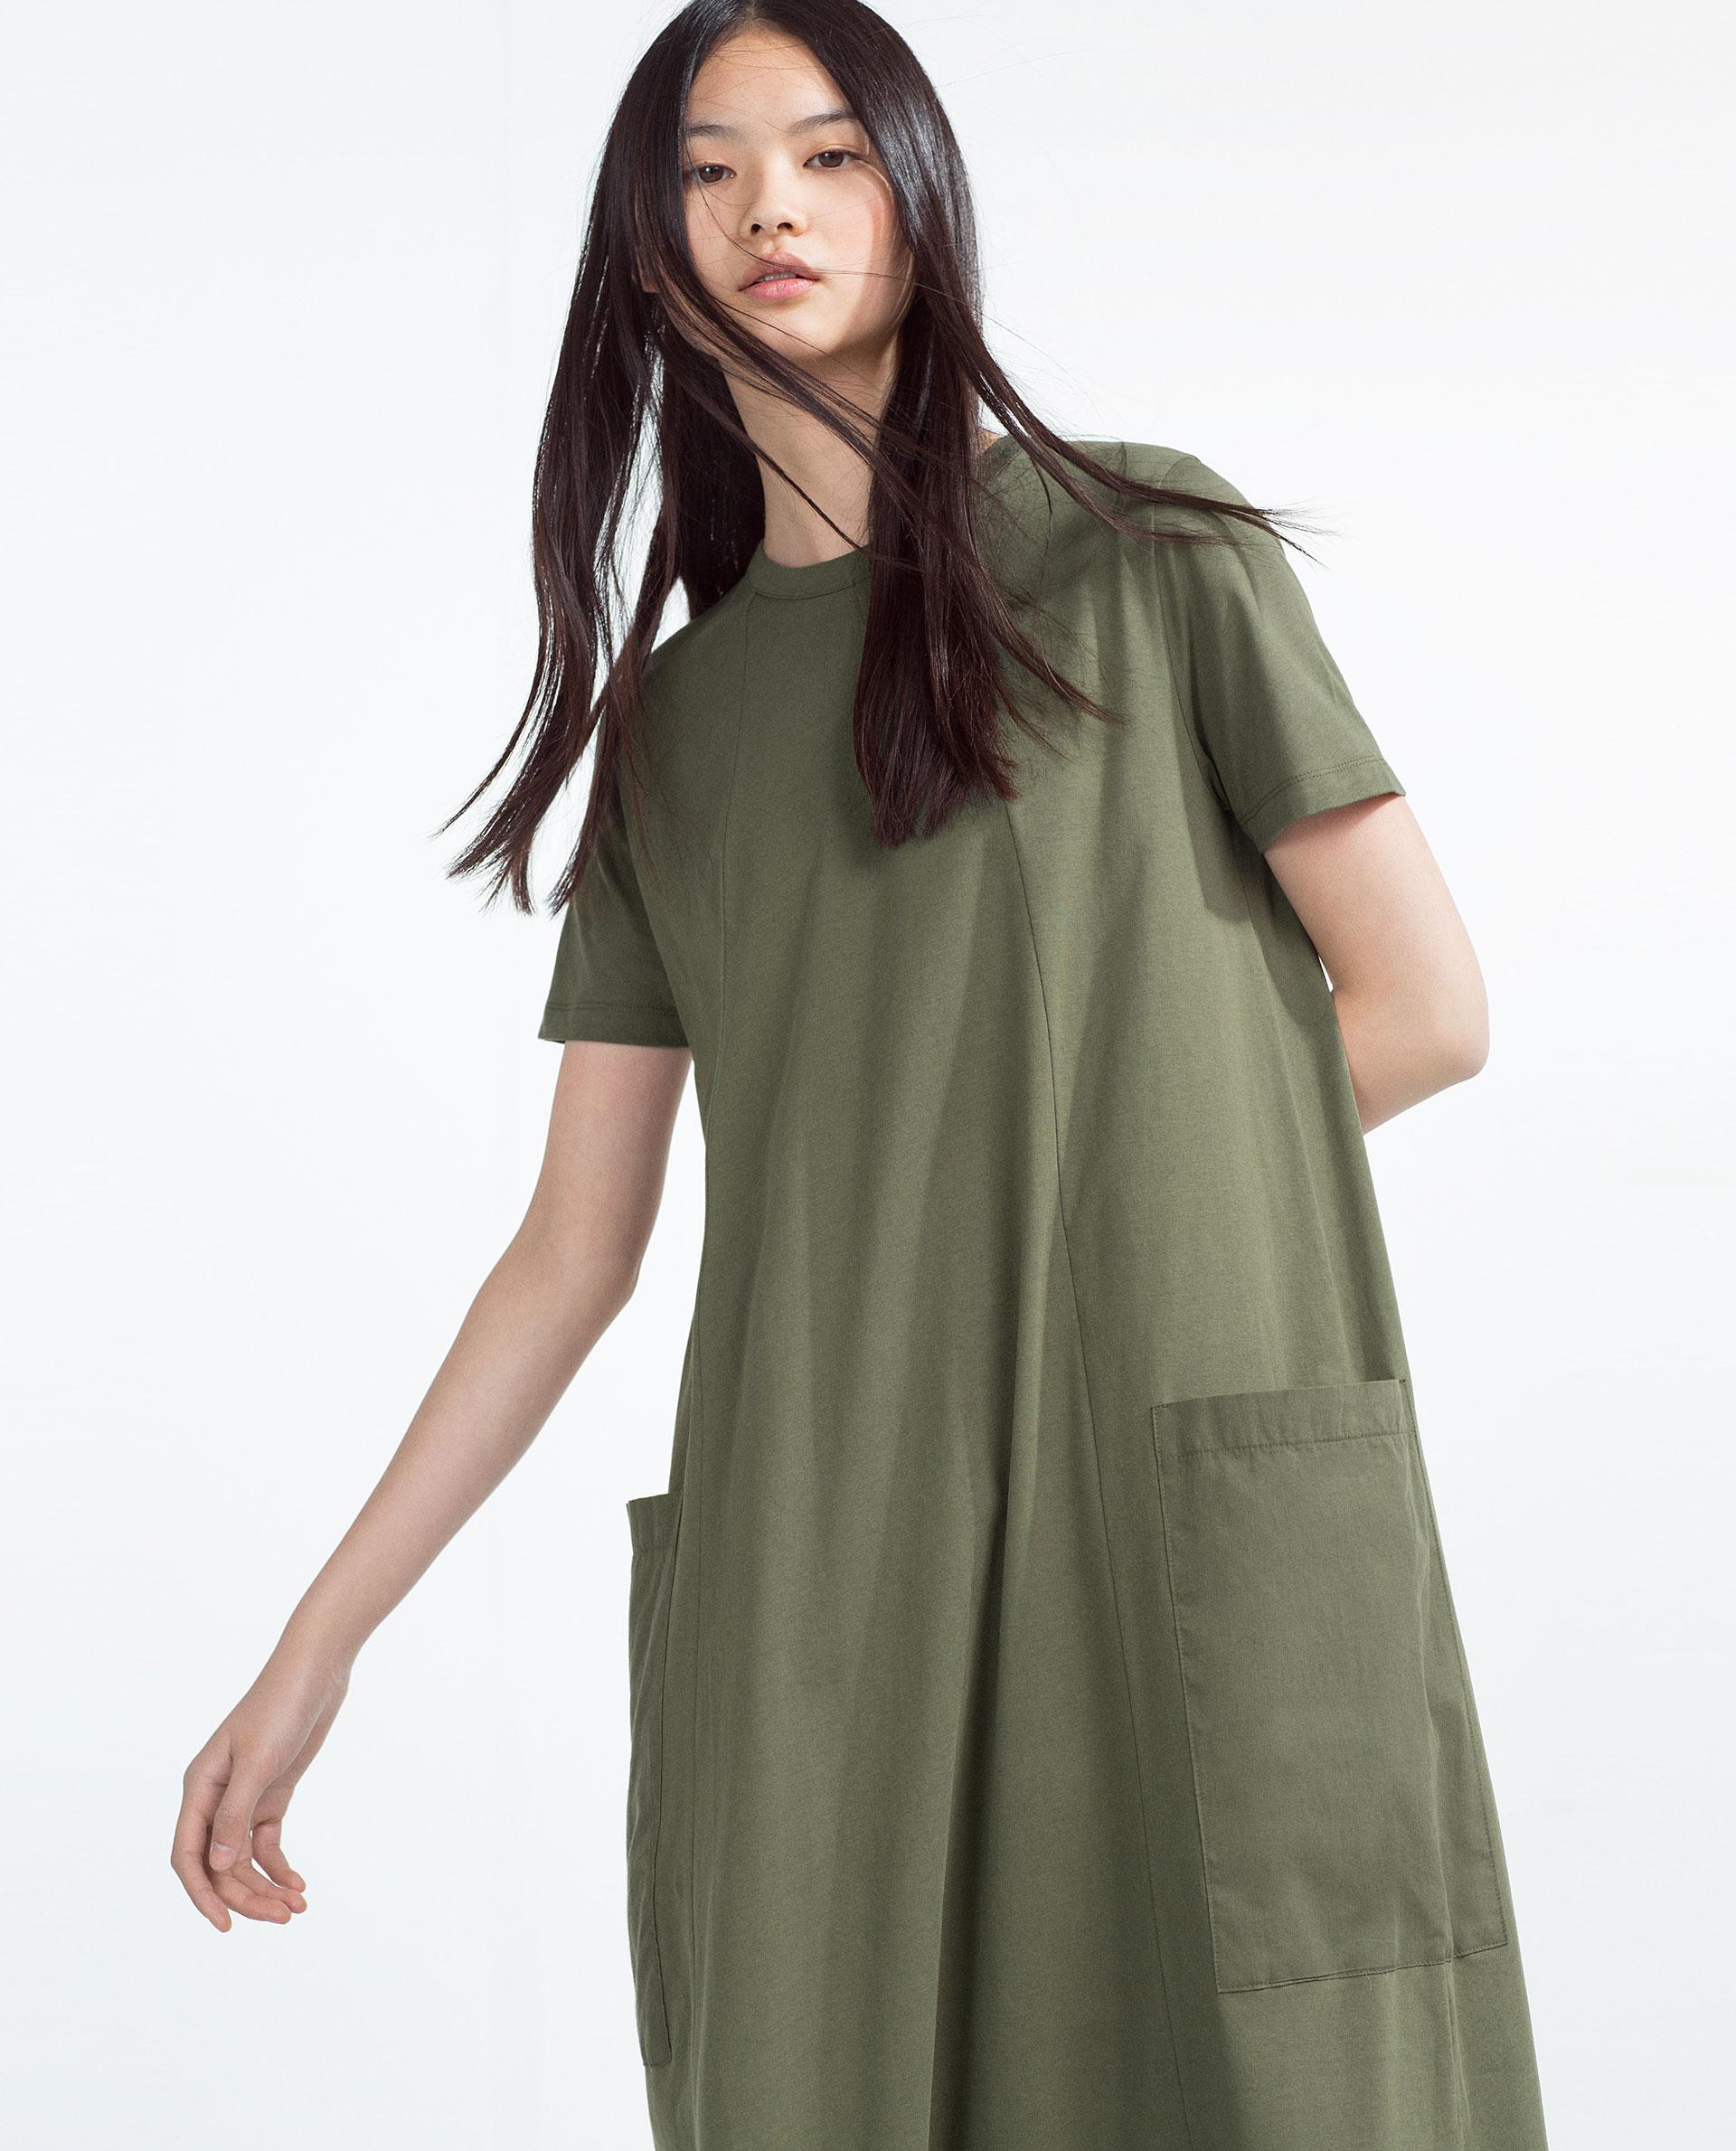 Zara Oversized Dress in Natural